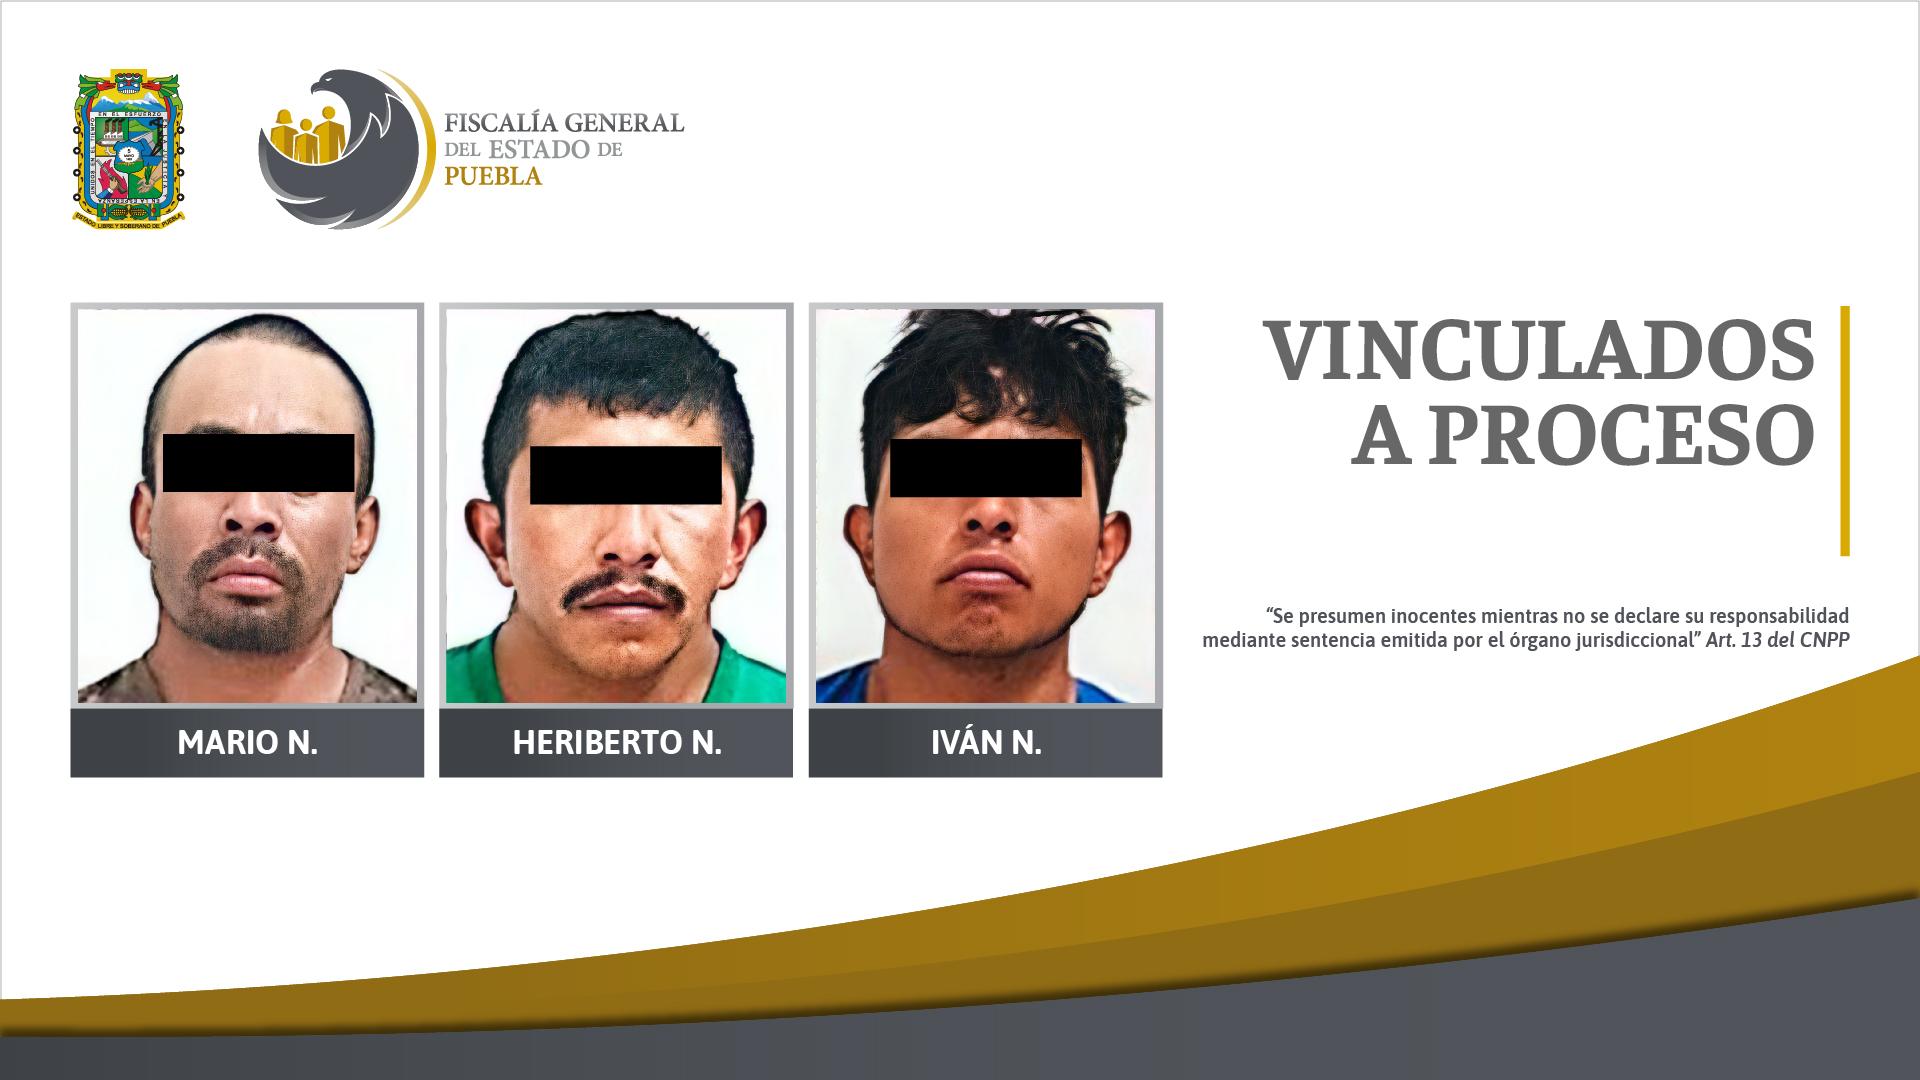 A prisión sujetos que dispararon contra policías de Cañada Morelos